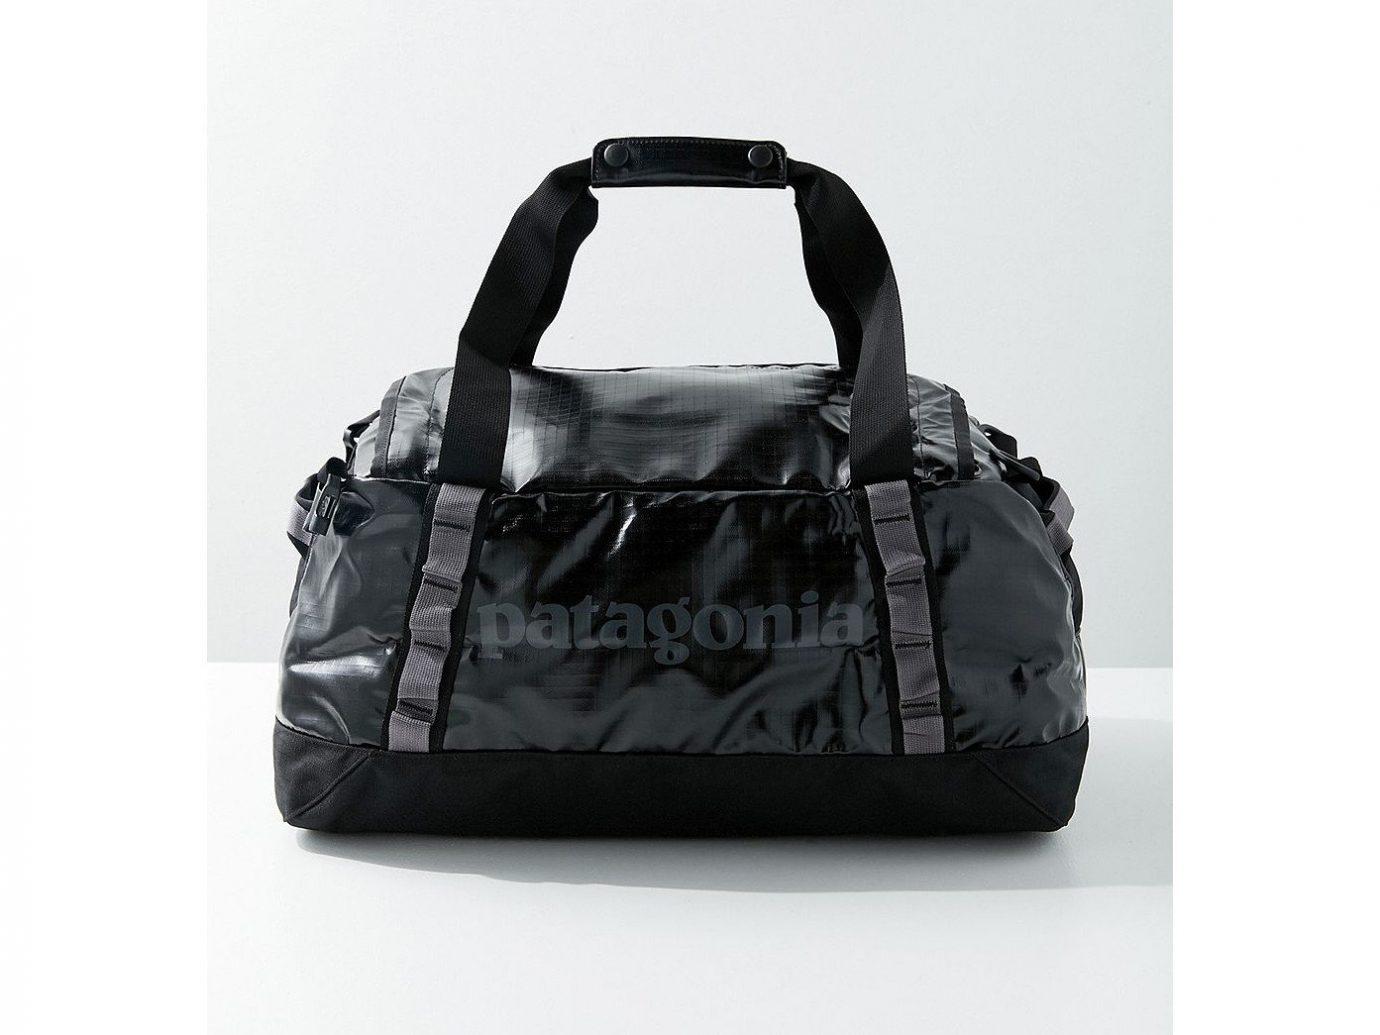 Packing Tips Style + Design Travel Shop bag black handbag shoulder bag product fashion accessory leather hand luggage product design luggage & bags brand strap baggage pattern